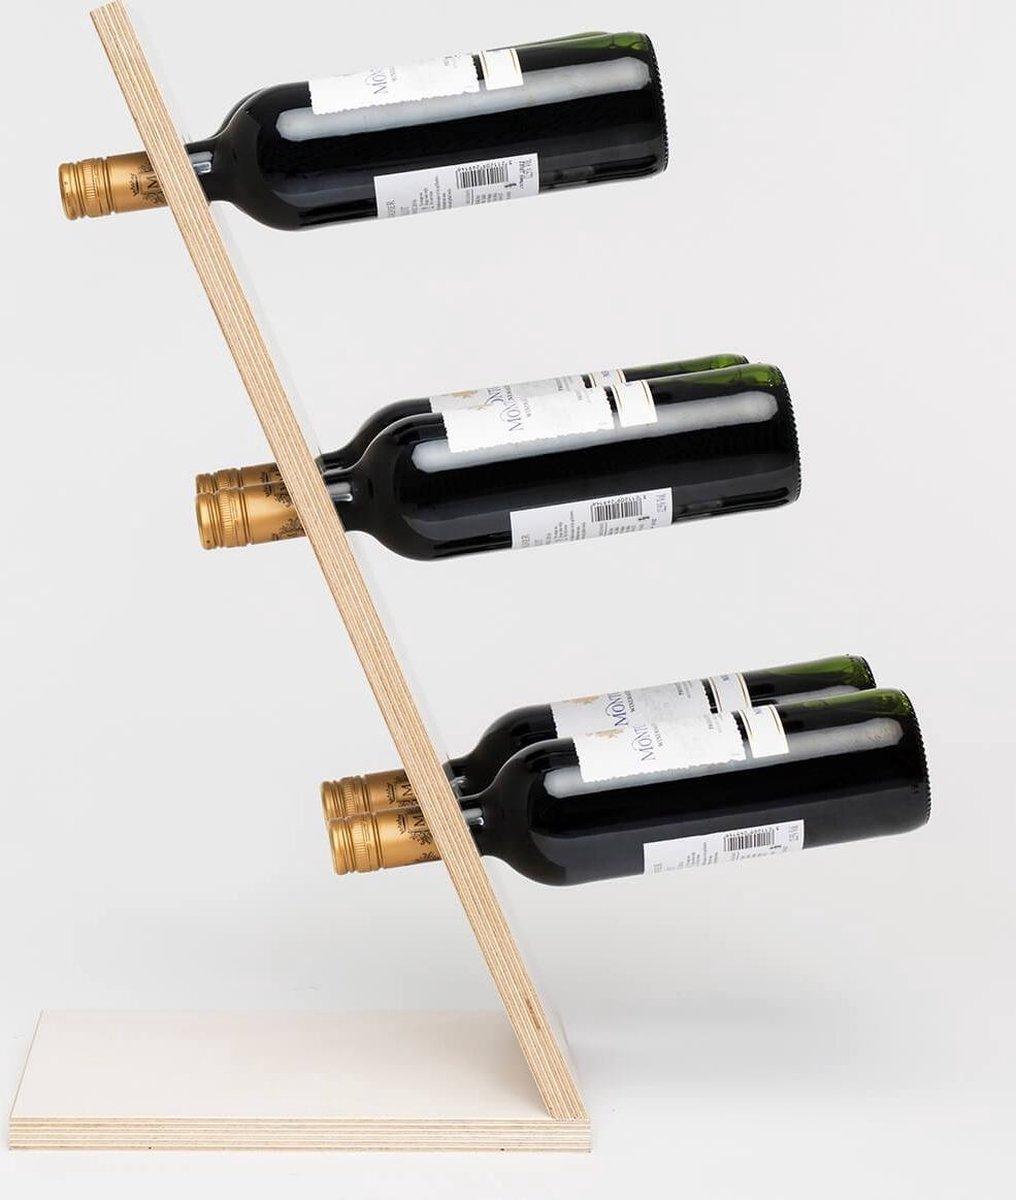 Compact Six White Wijnrek - Klein staand flessenrek van hout voor 6 wijnflessen met een uniek en modern design